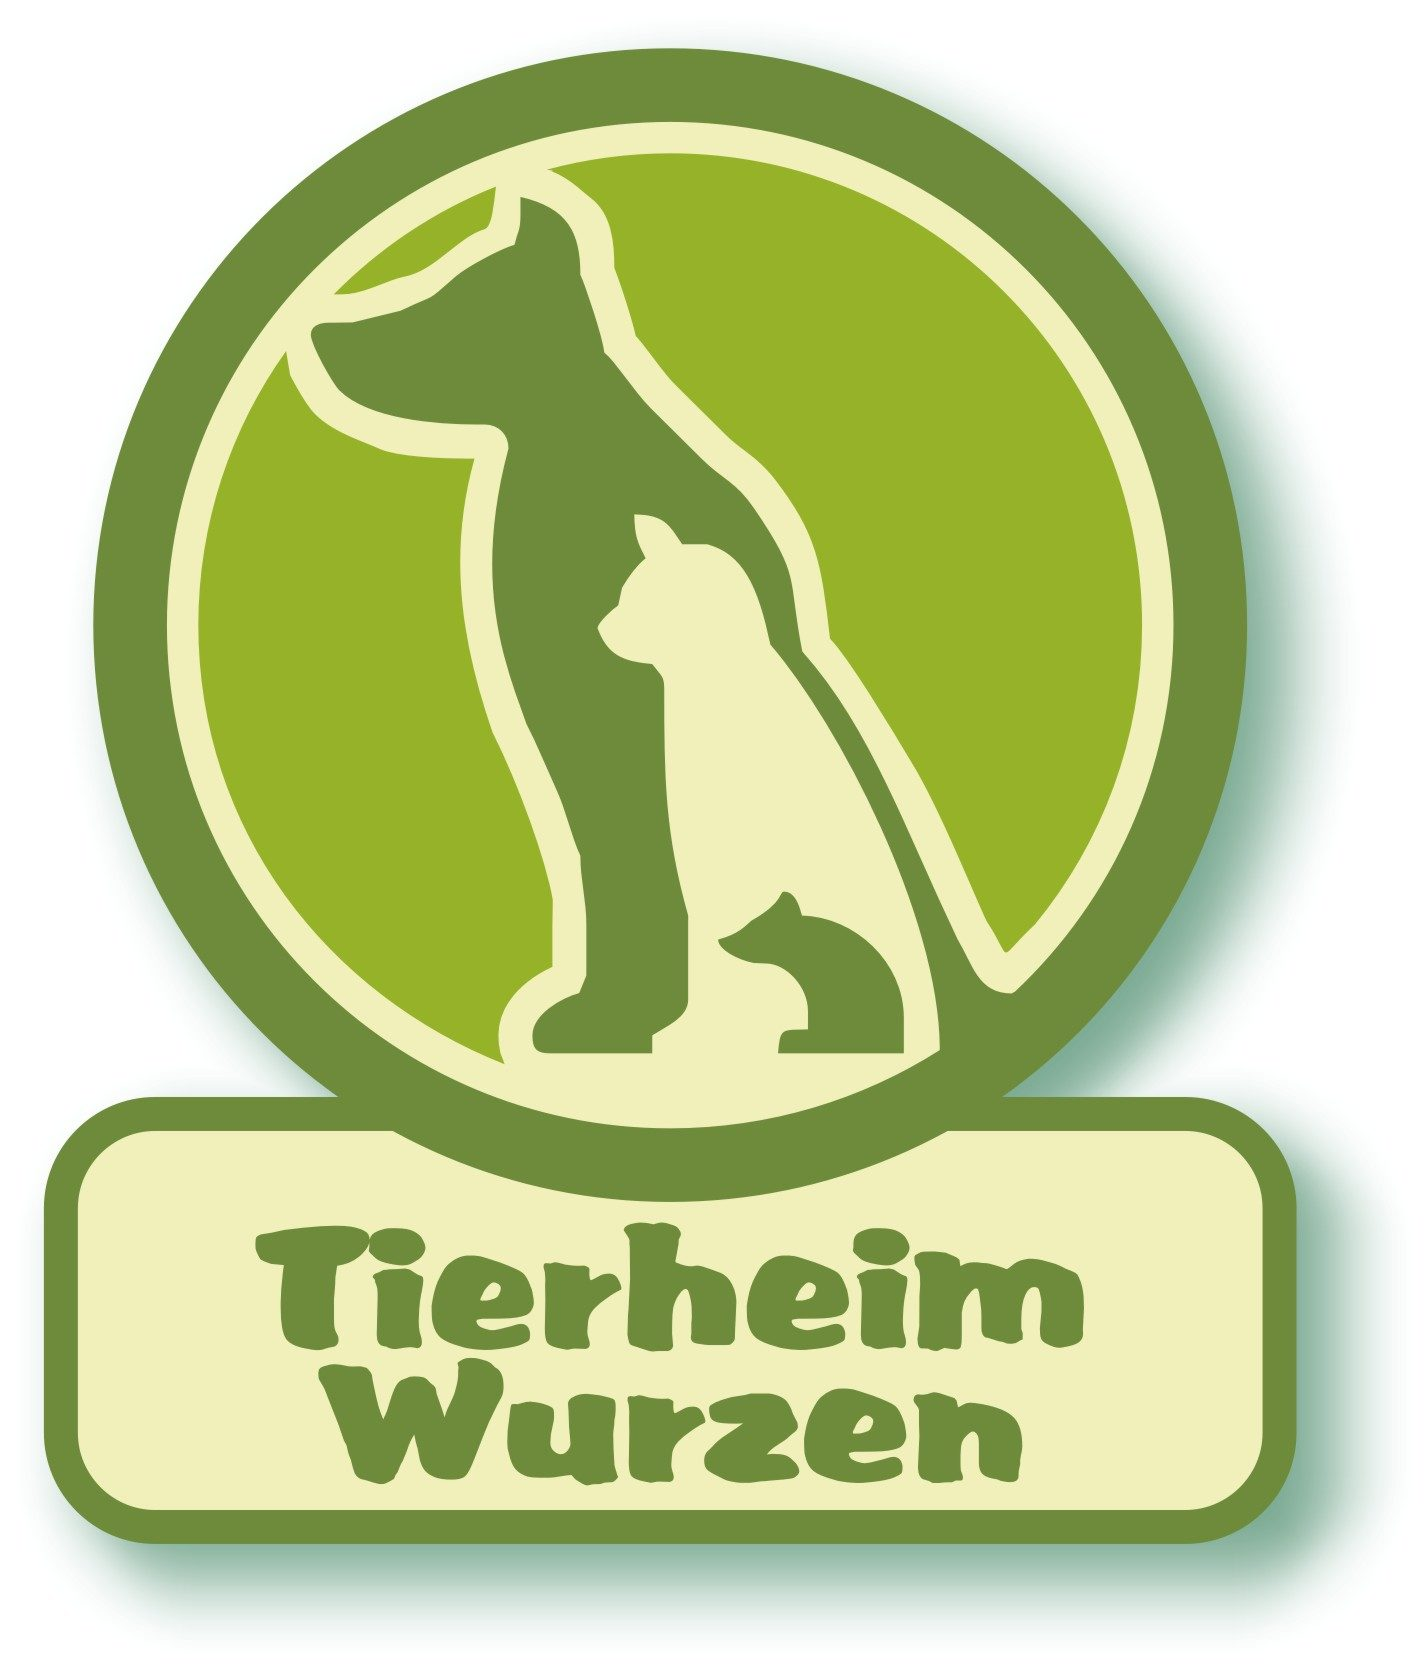 Tierheim Wurzen